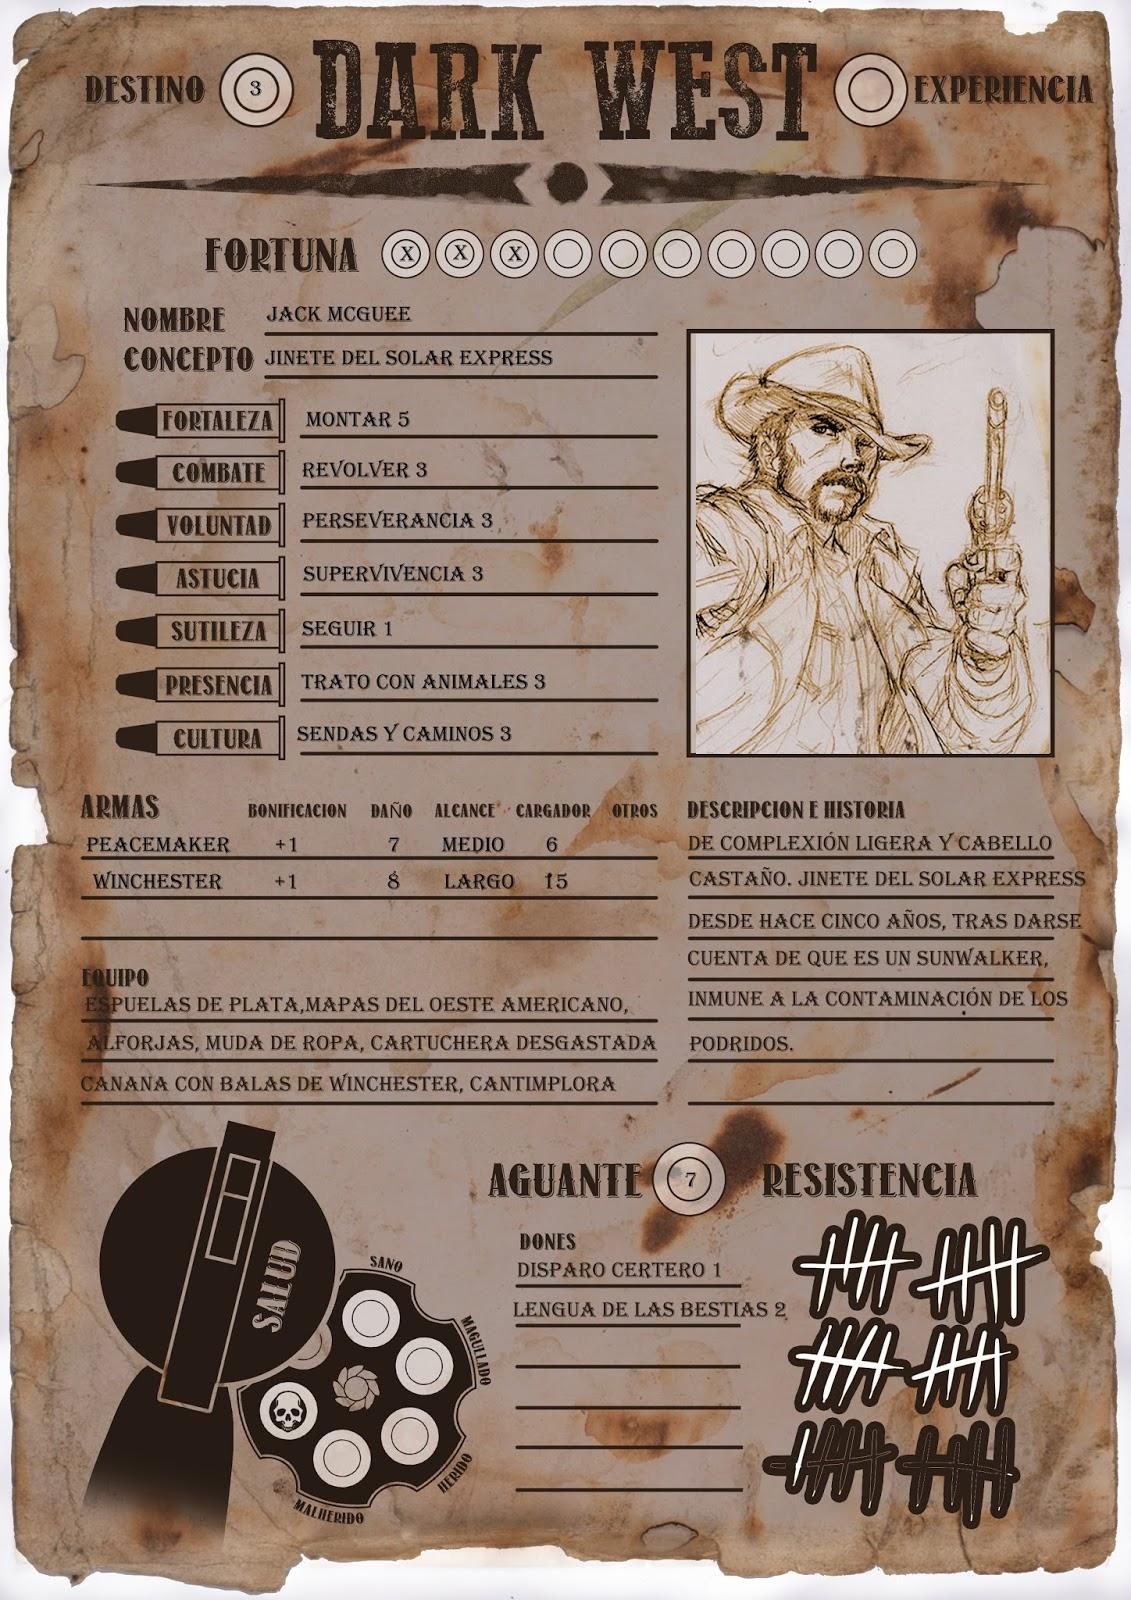 Ayuda de juego] Hoja de personaje de Dark West   El Cuartito de los ...